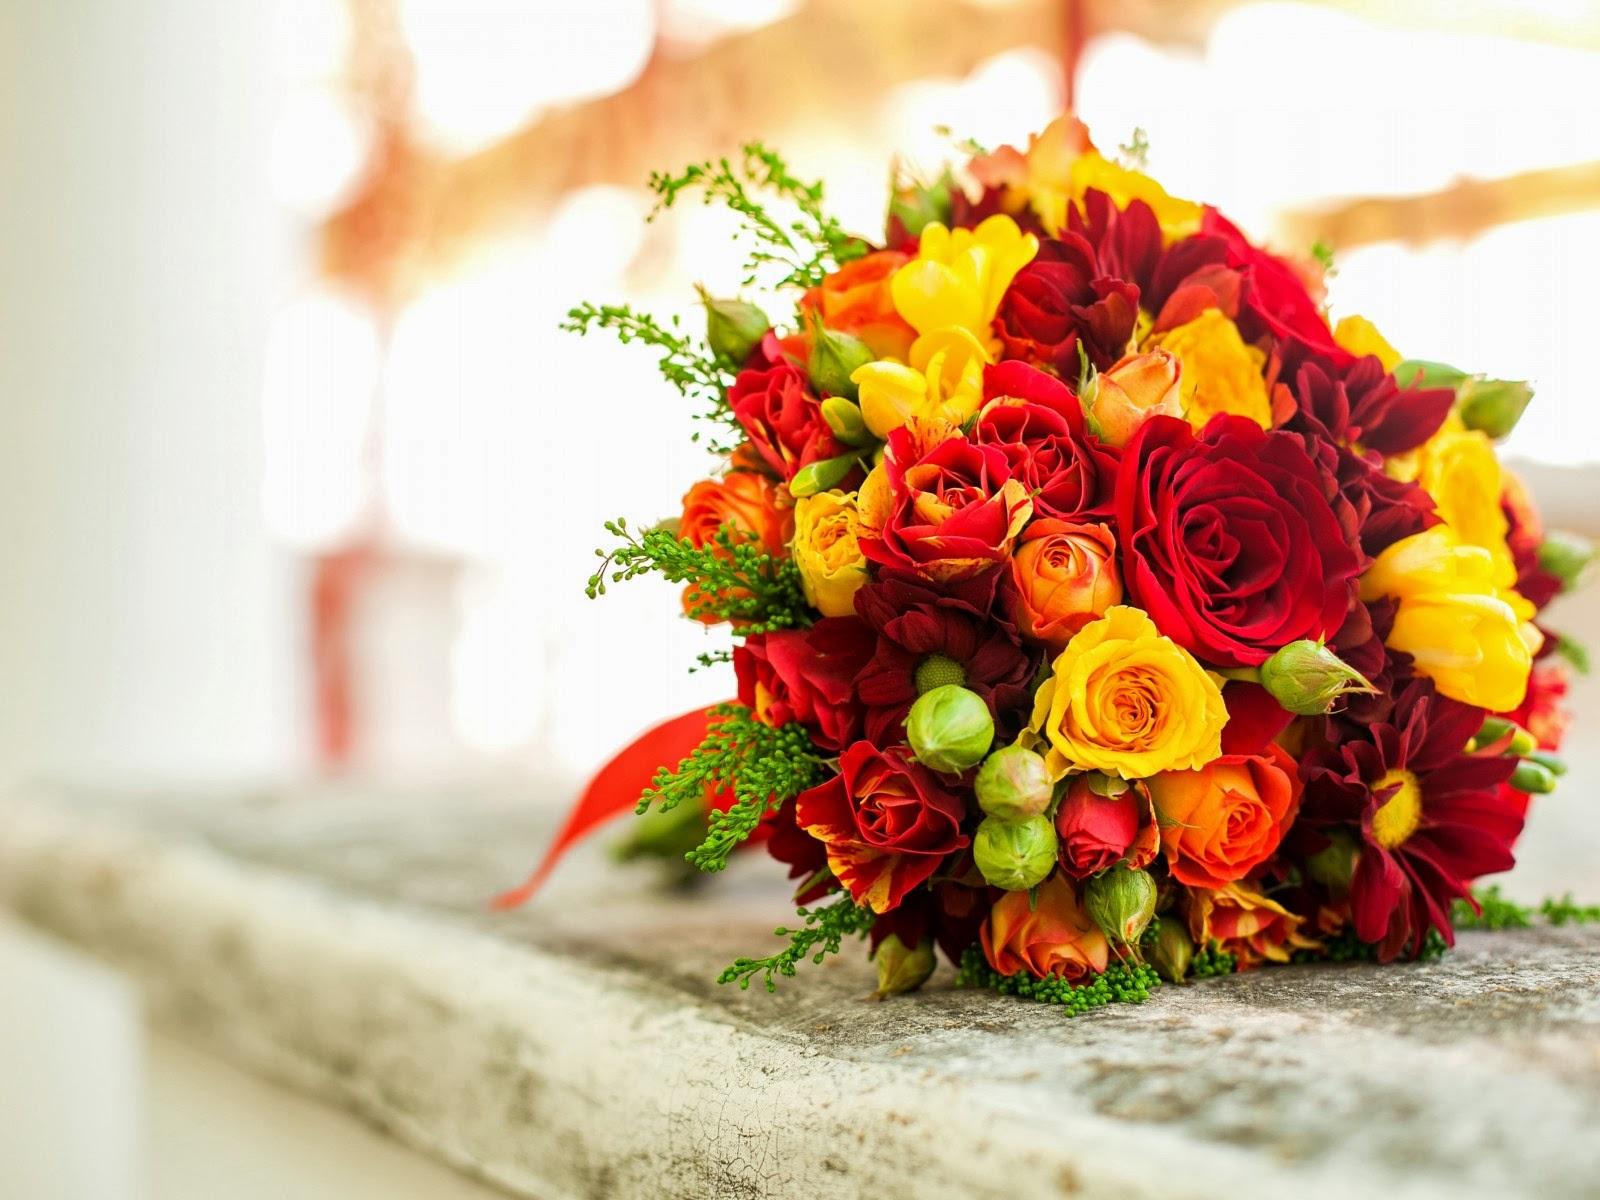 صورة خلفيات ورود جميلة جدا , جمال الورد يسحر العقل